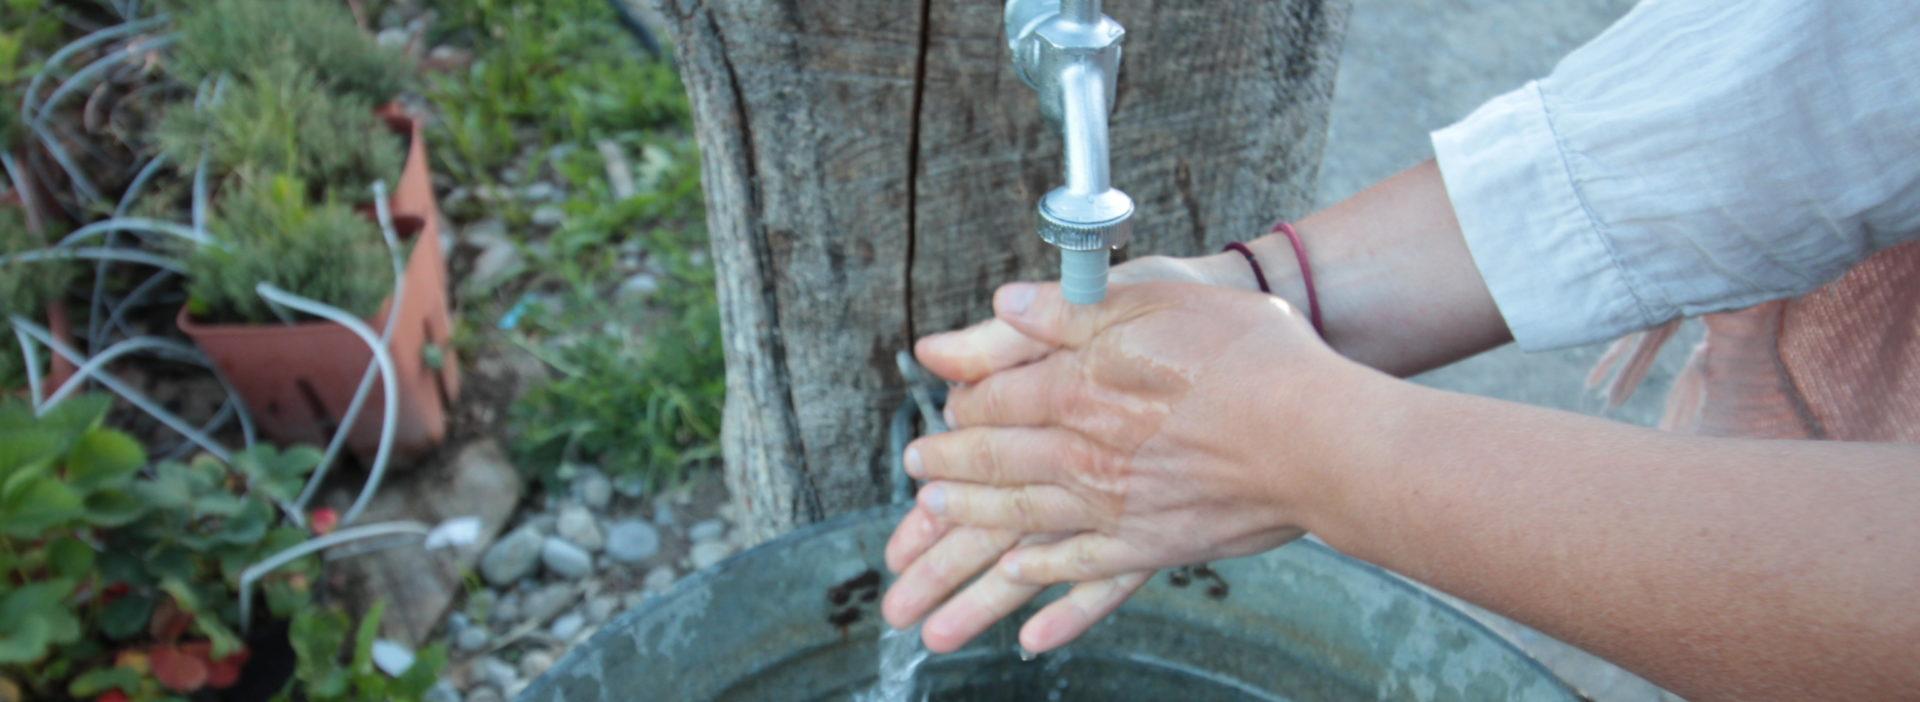 Händewaschen an der FeldTavolata